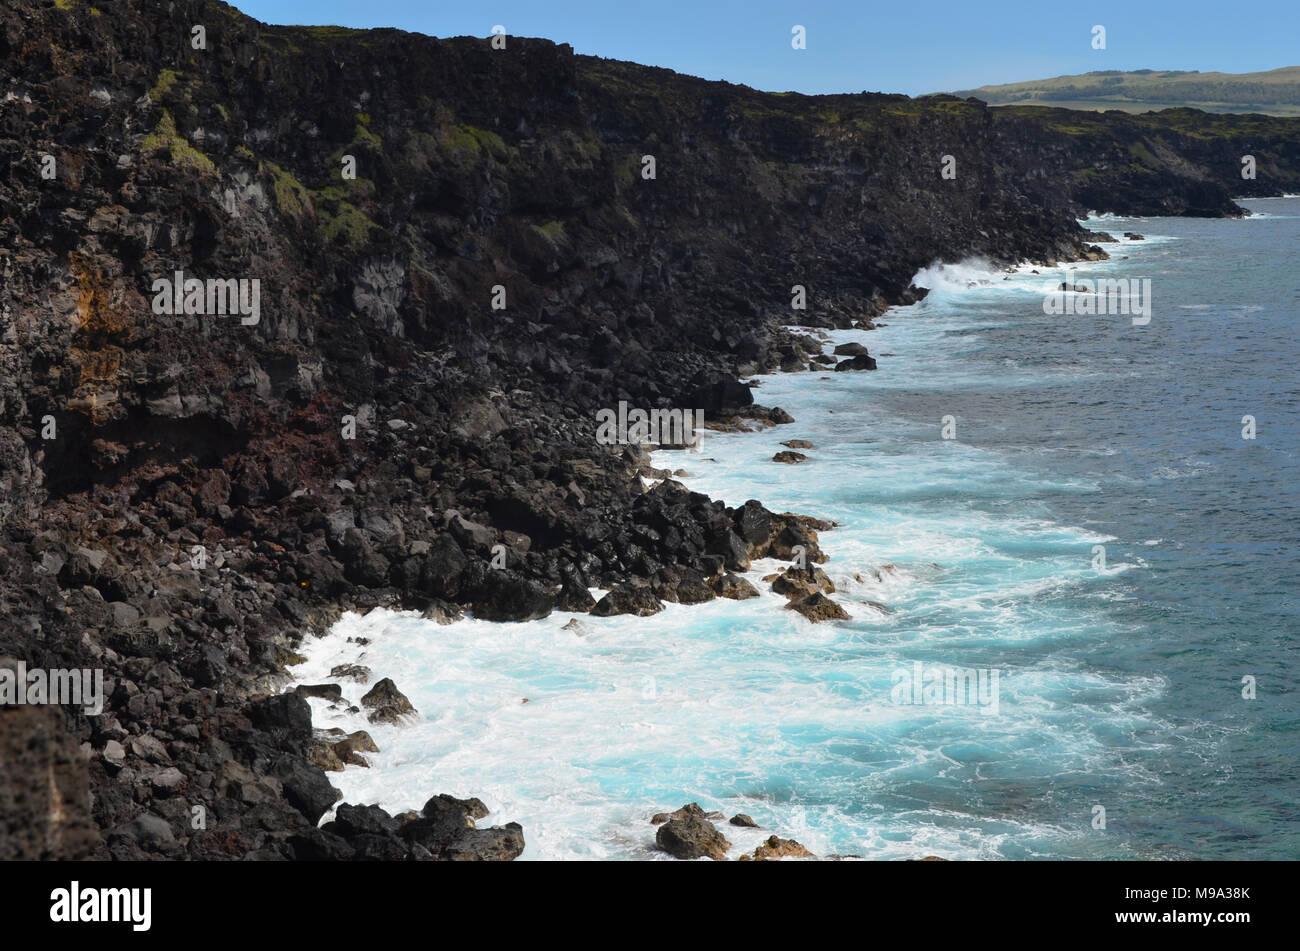 Aspre scogliere vulcaniche e la fascia costiera di Rapa Nui Island (l'Isola di Pasqua) Immagini Stock